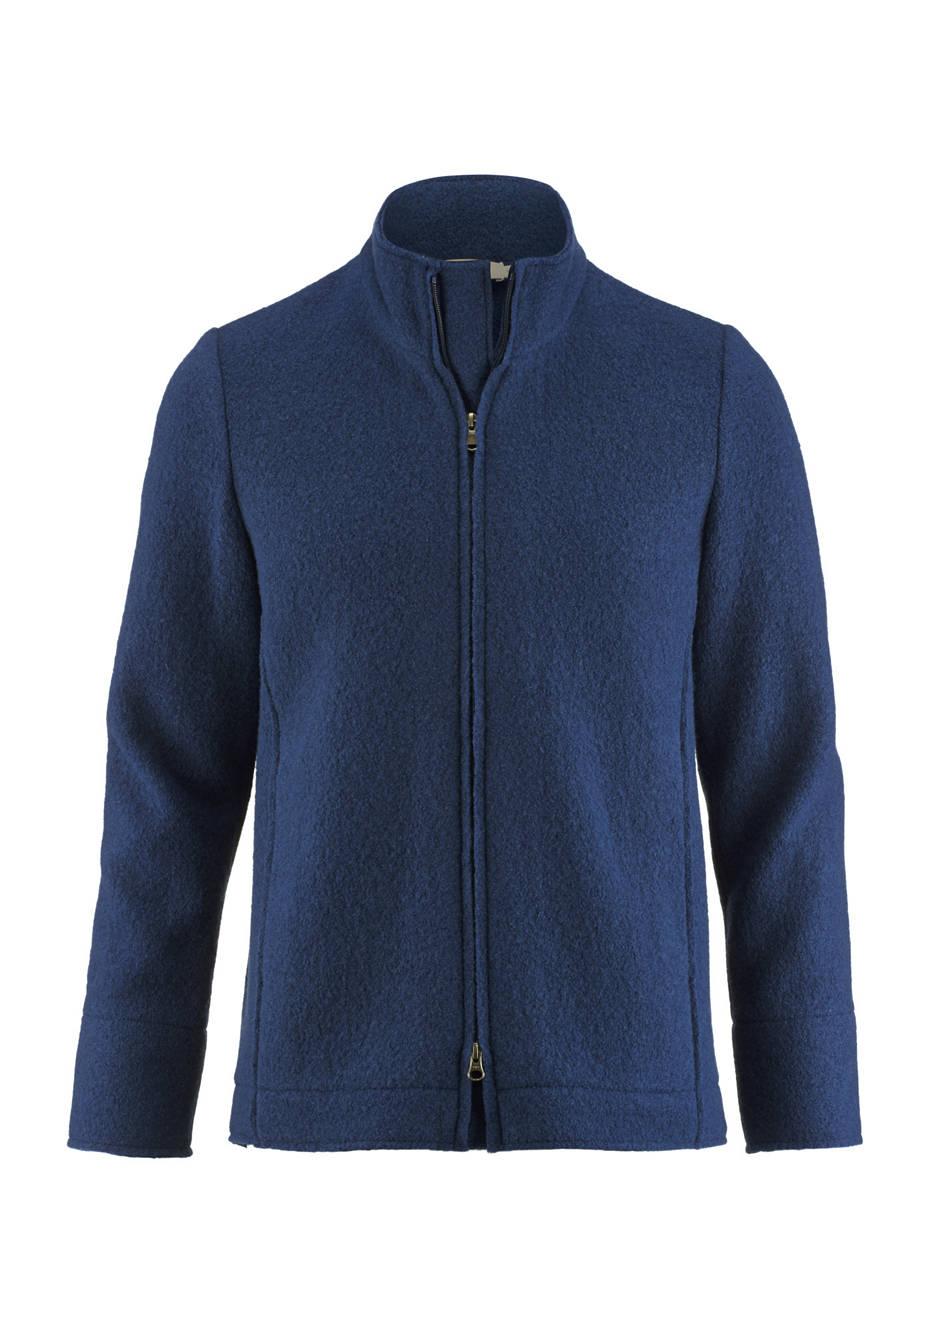 kaufen komplettes Angebot an Artikeln fantastische Einsparungen Herren Walk-Jacke aus reiner Schurwolle